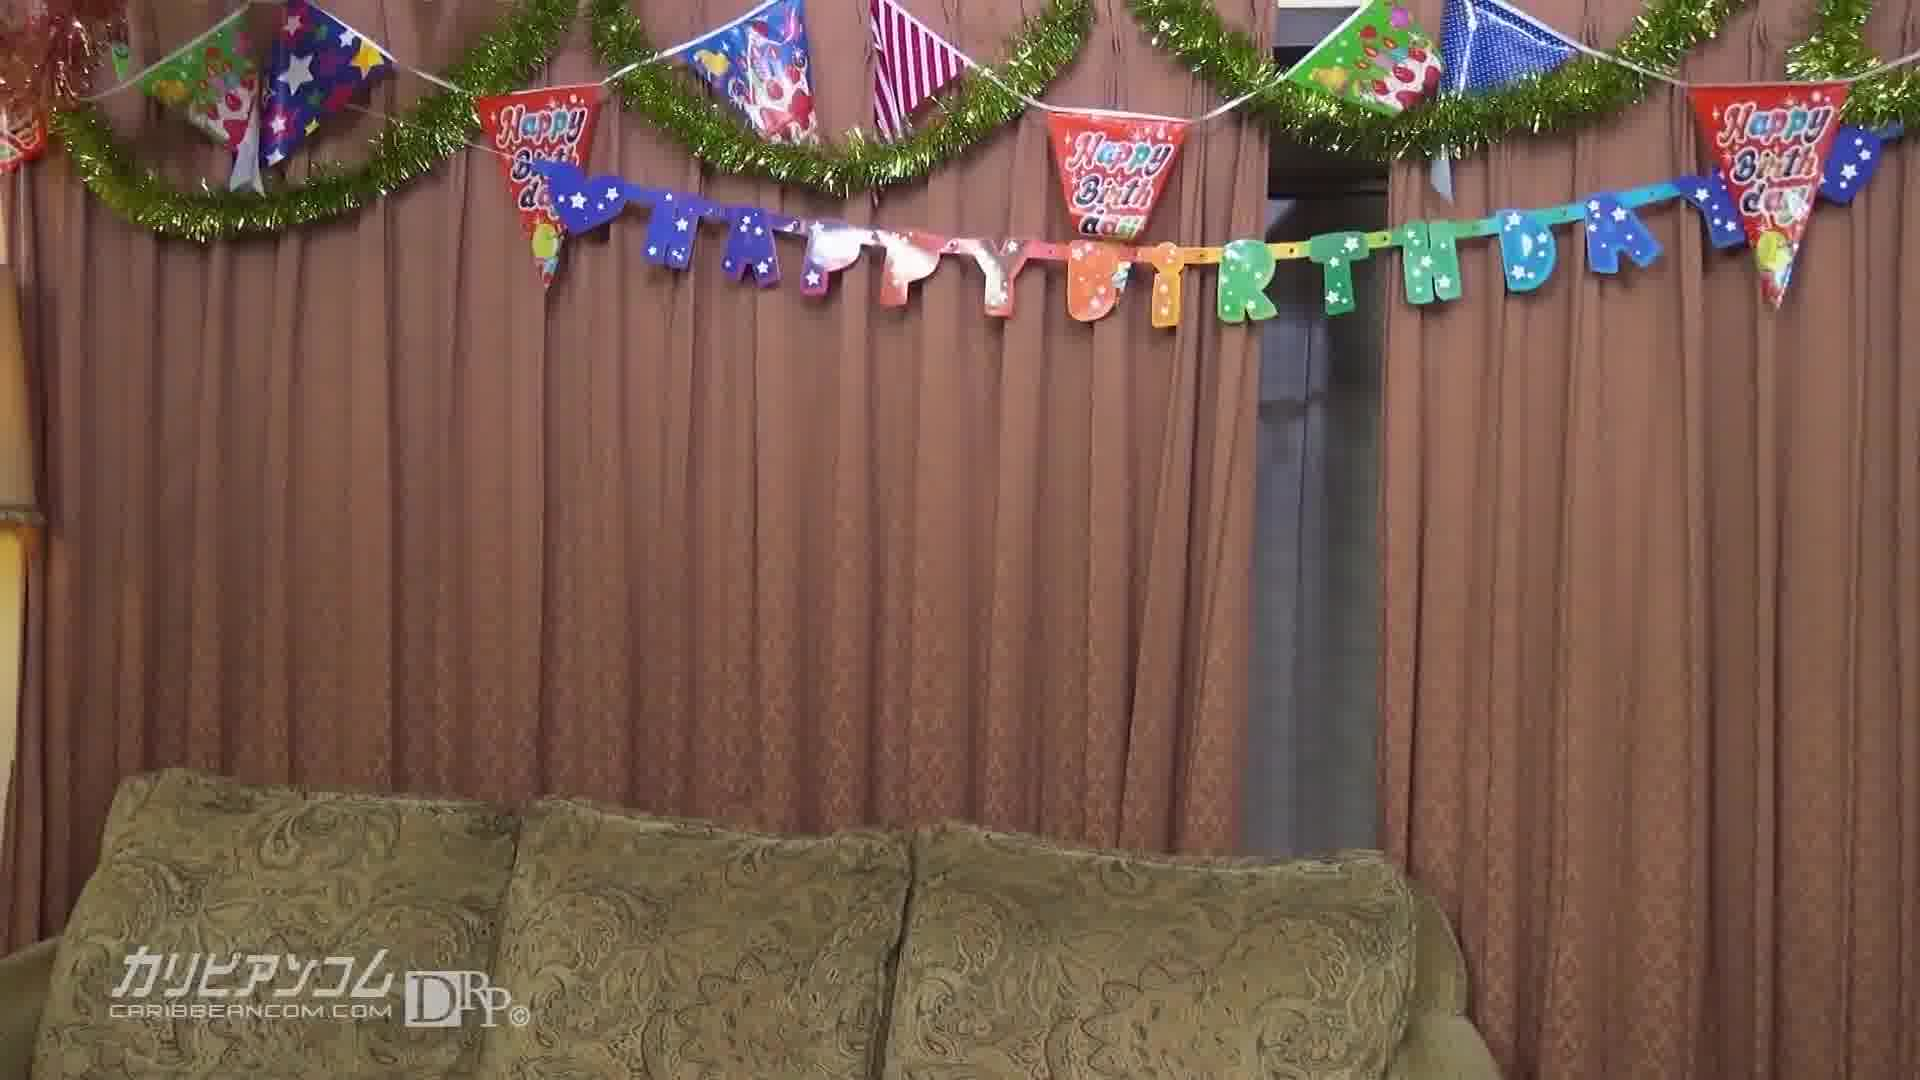 視界侵入!たちまち挿入! ~祝20歳!即ハメサプライズ誕生会~ - 木下寧々【潮吹き・美乳・中出し】